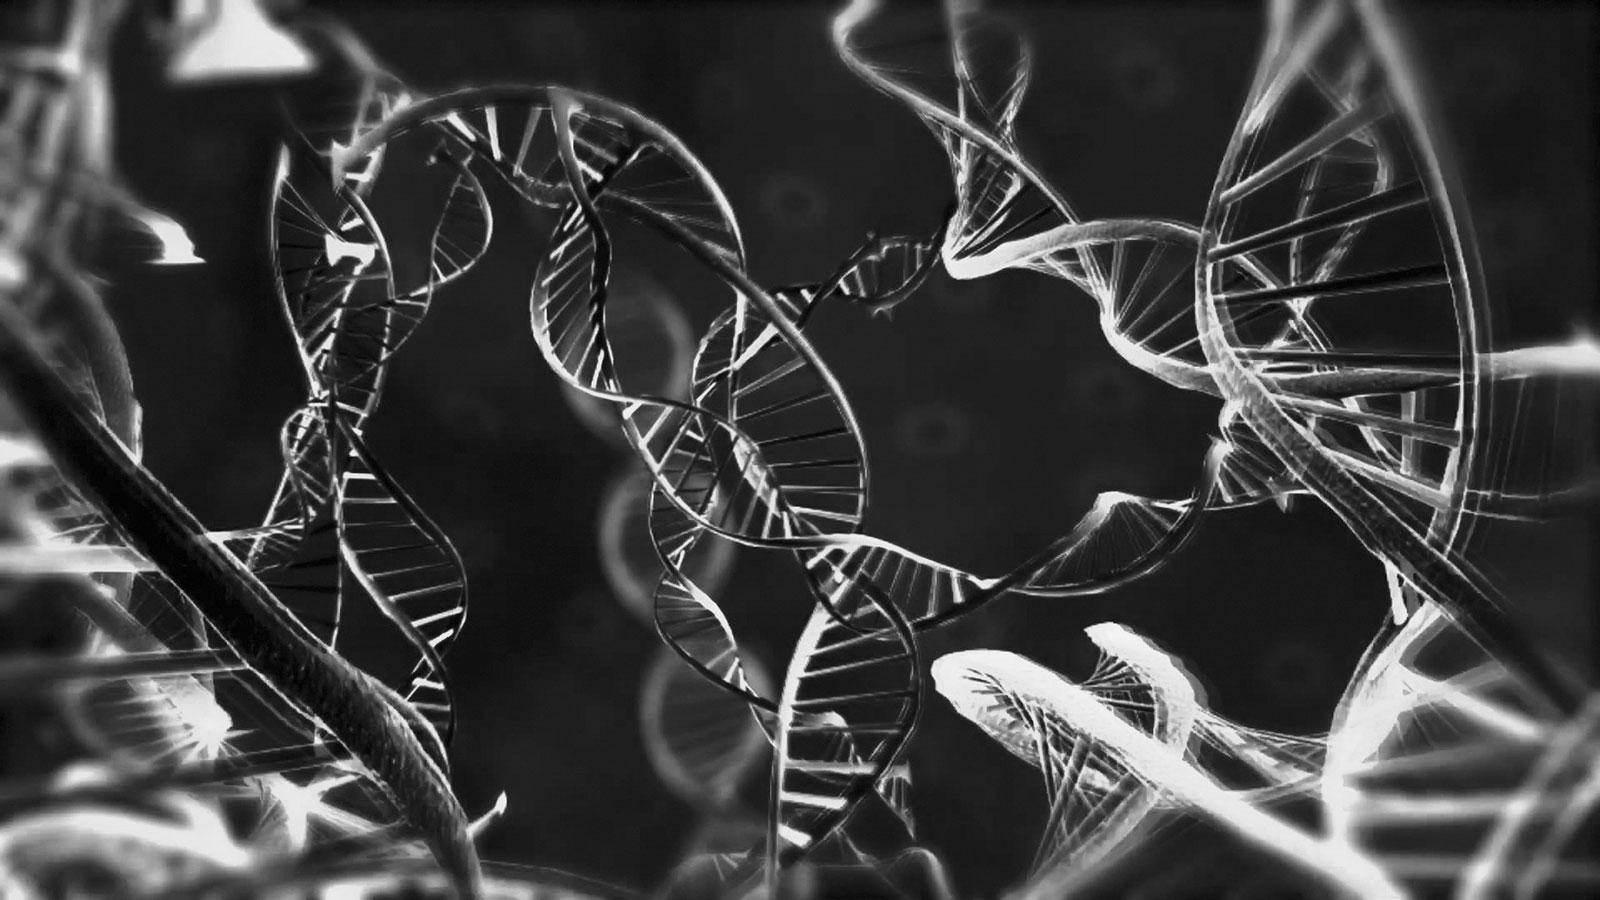 17.09.2018. 16h Laboratorios I – CNP Partners. Alteraciones Cognitivas y Neurológicas con NELI PARGA